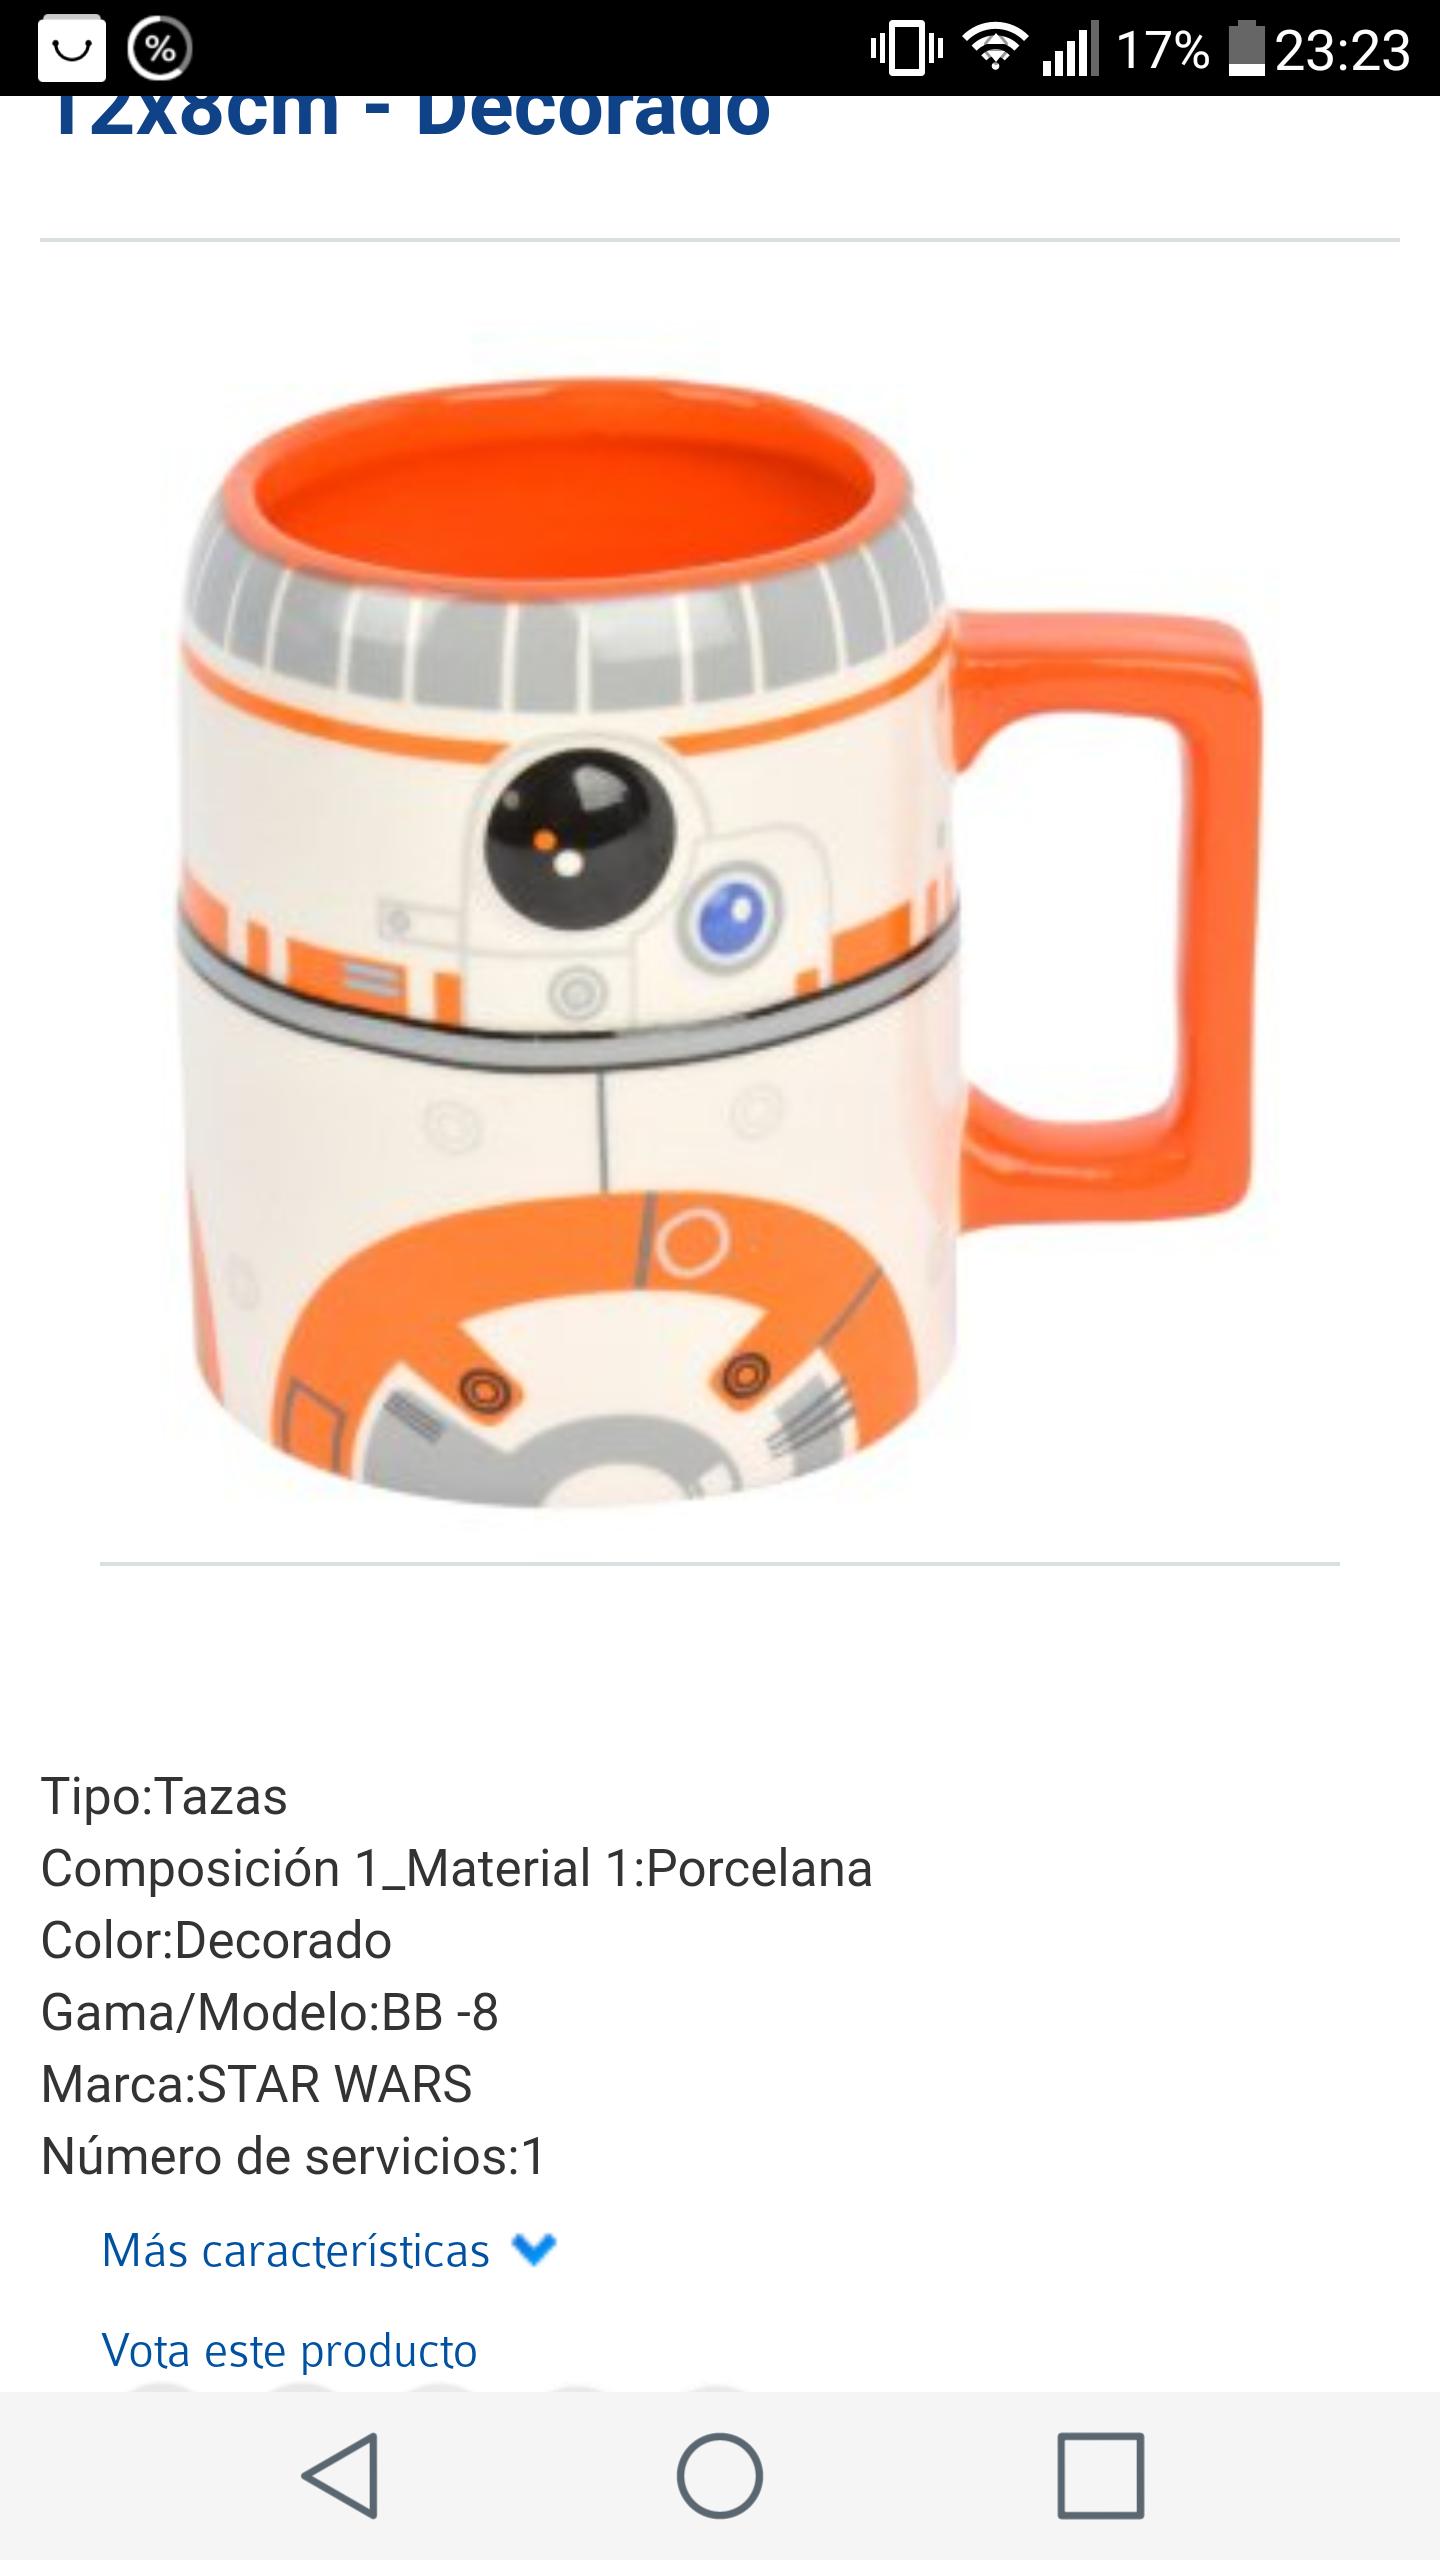 Mug Redondo de Porcelana BB -8 12x8cm - Decorado